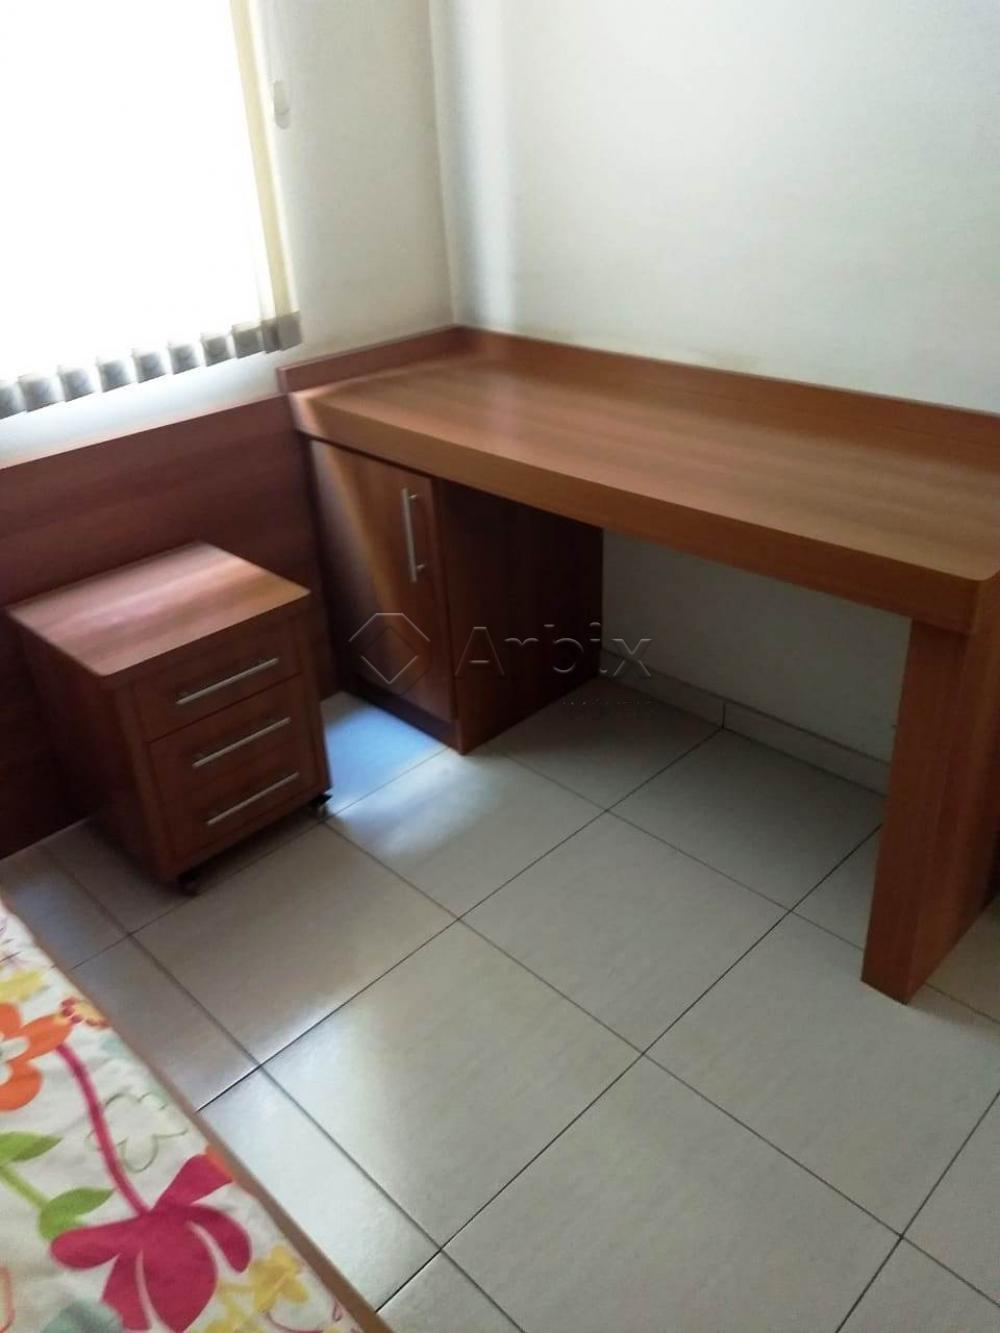 Comprar Apartamento / Padrão em Americana apenas R$ 243.000,00 - Foto 2